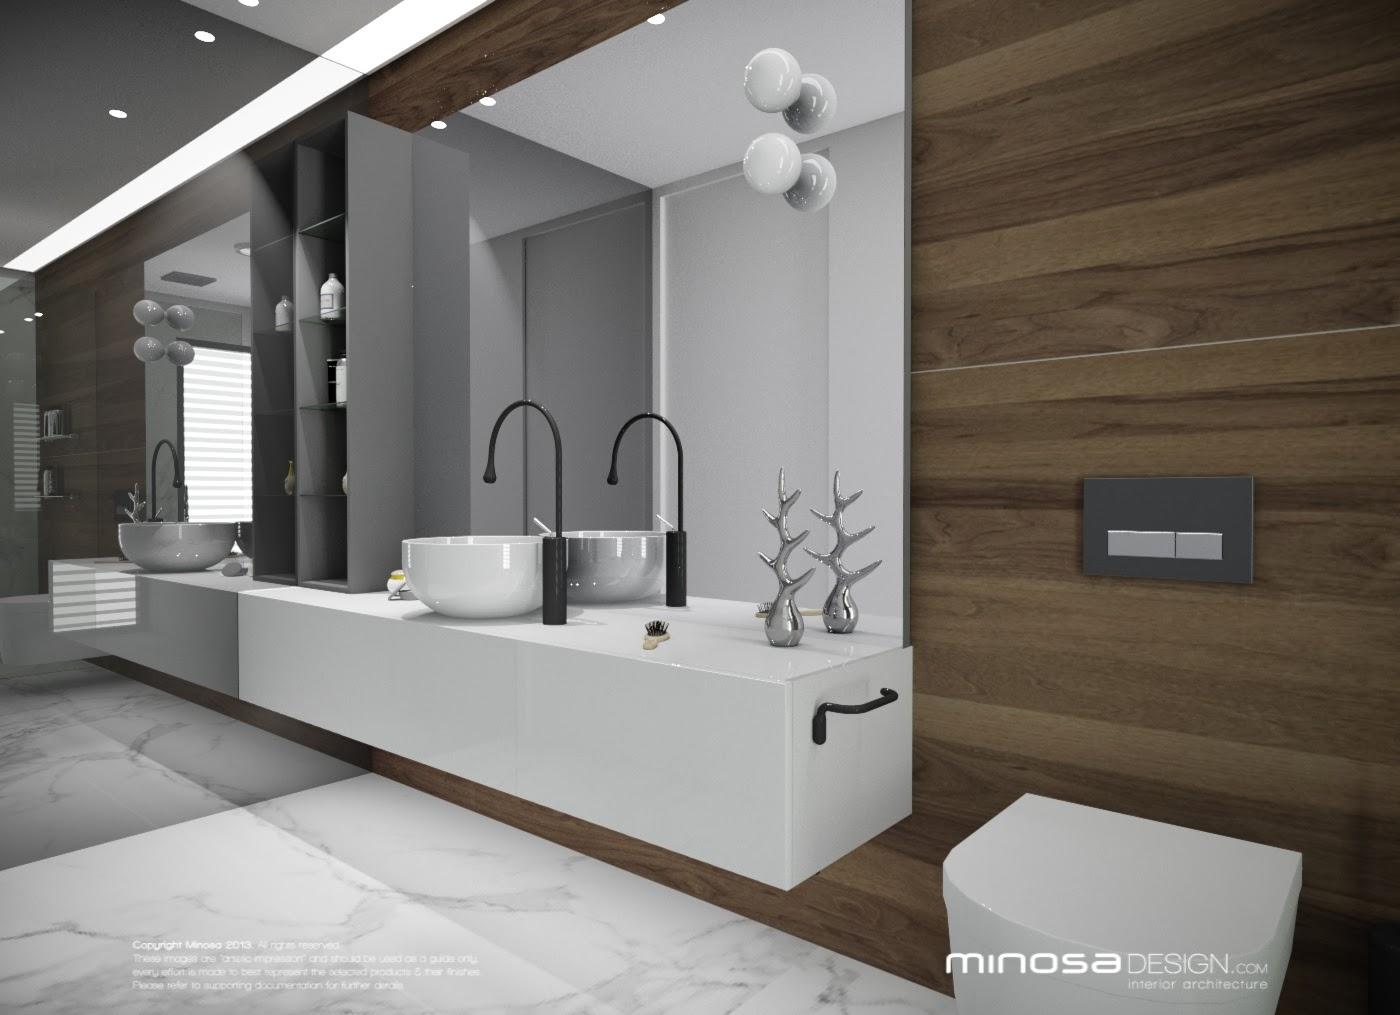 Minosa: Luxury Bathroom Design